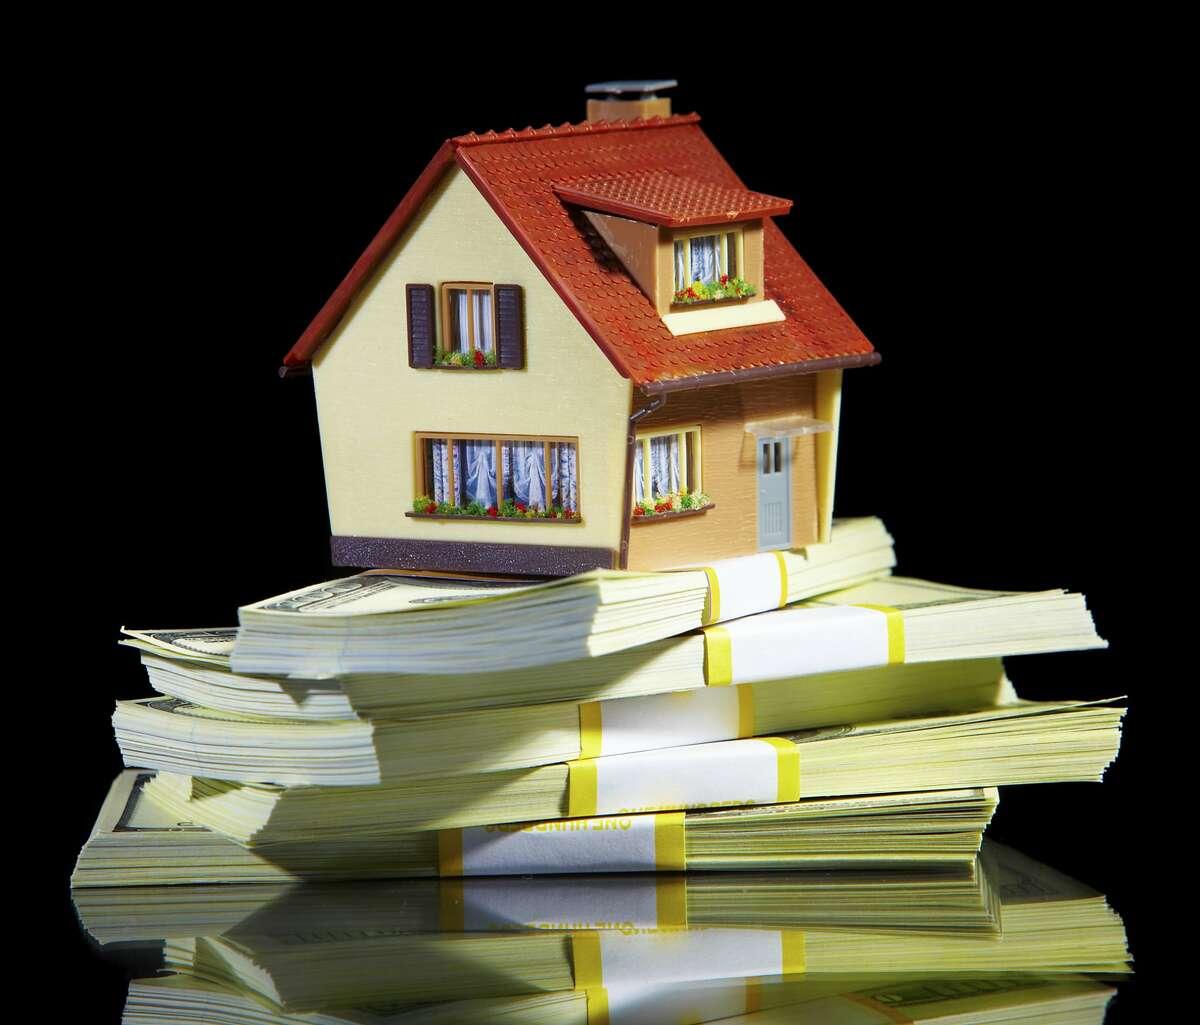 Una refinanciación hipotecaria puede sonar como una buena idea en teoría, pero no siempre es posible o deseable.